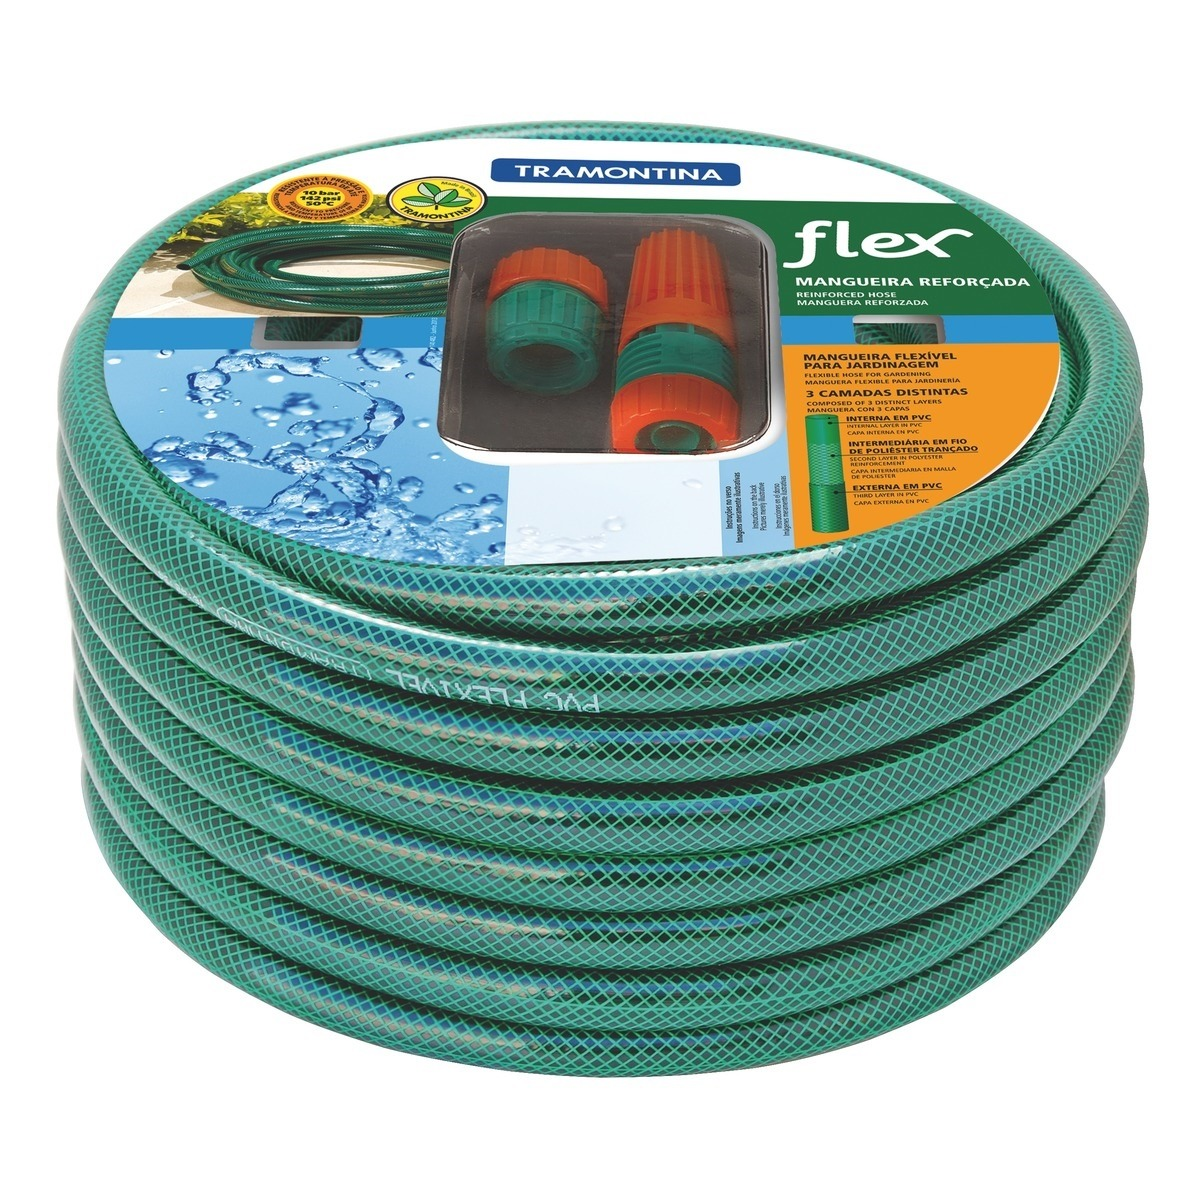 Mangueira Flex Trancada em PVC 3 Camadas 10m - Tramontina